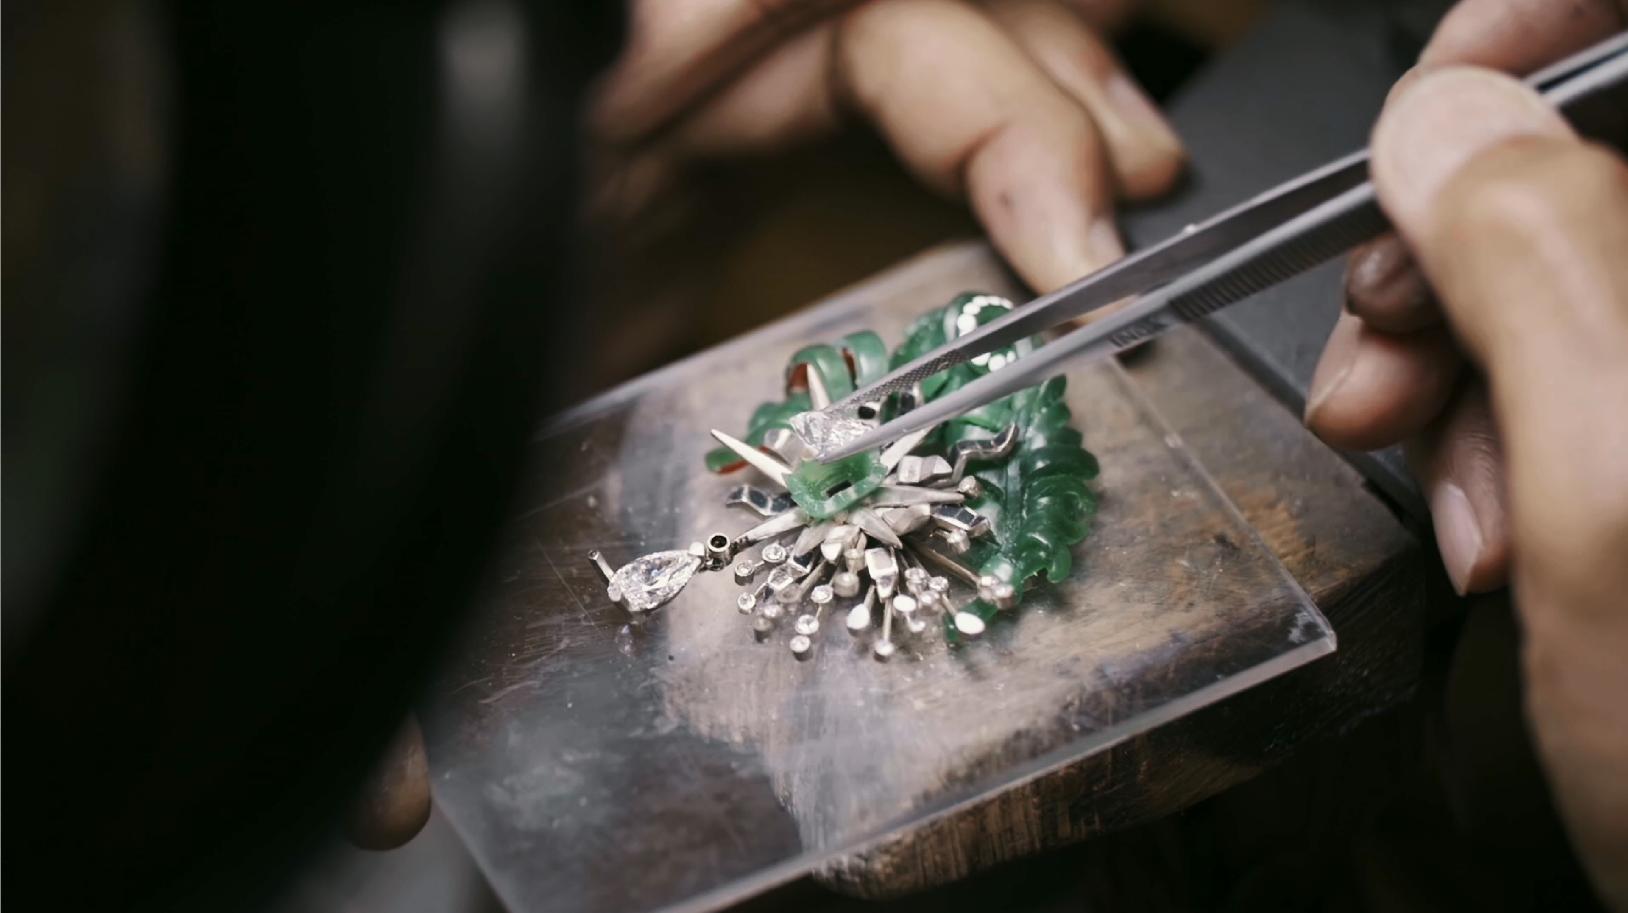 công nghệ thủ công trong ngành công nghiệp thời trang 16